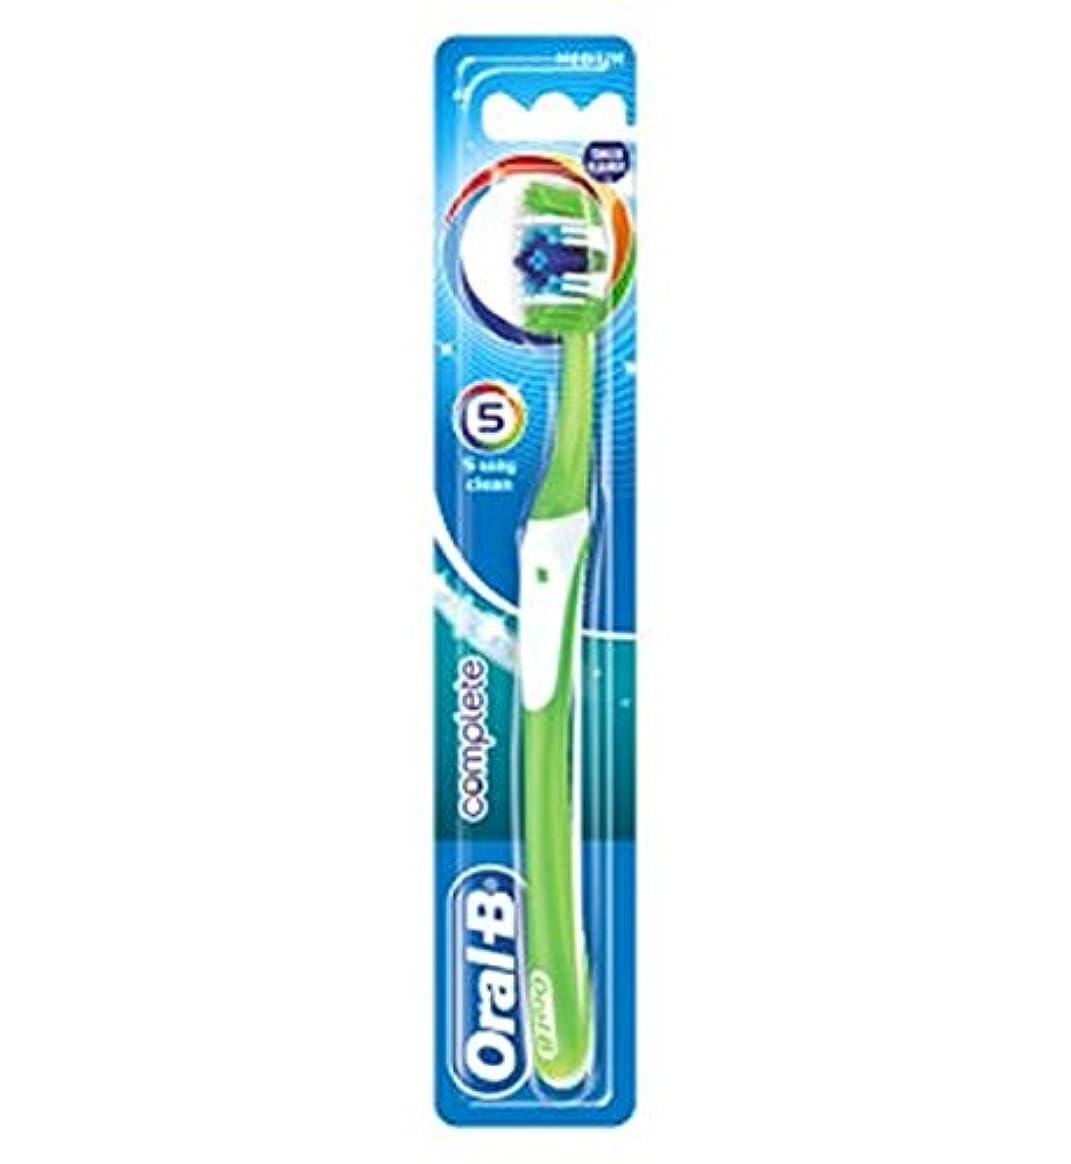 クリーナースロープユダヤ人オーラルBの完全な5道クリーンなメディアの手動歯ブラシ (Oral B) (x2) - Oral-B Complete 5 Way Clean Medium Manual Toothbrush (Pack of 2) [...